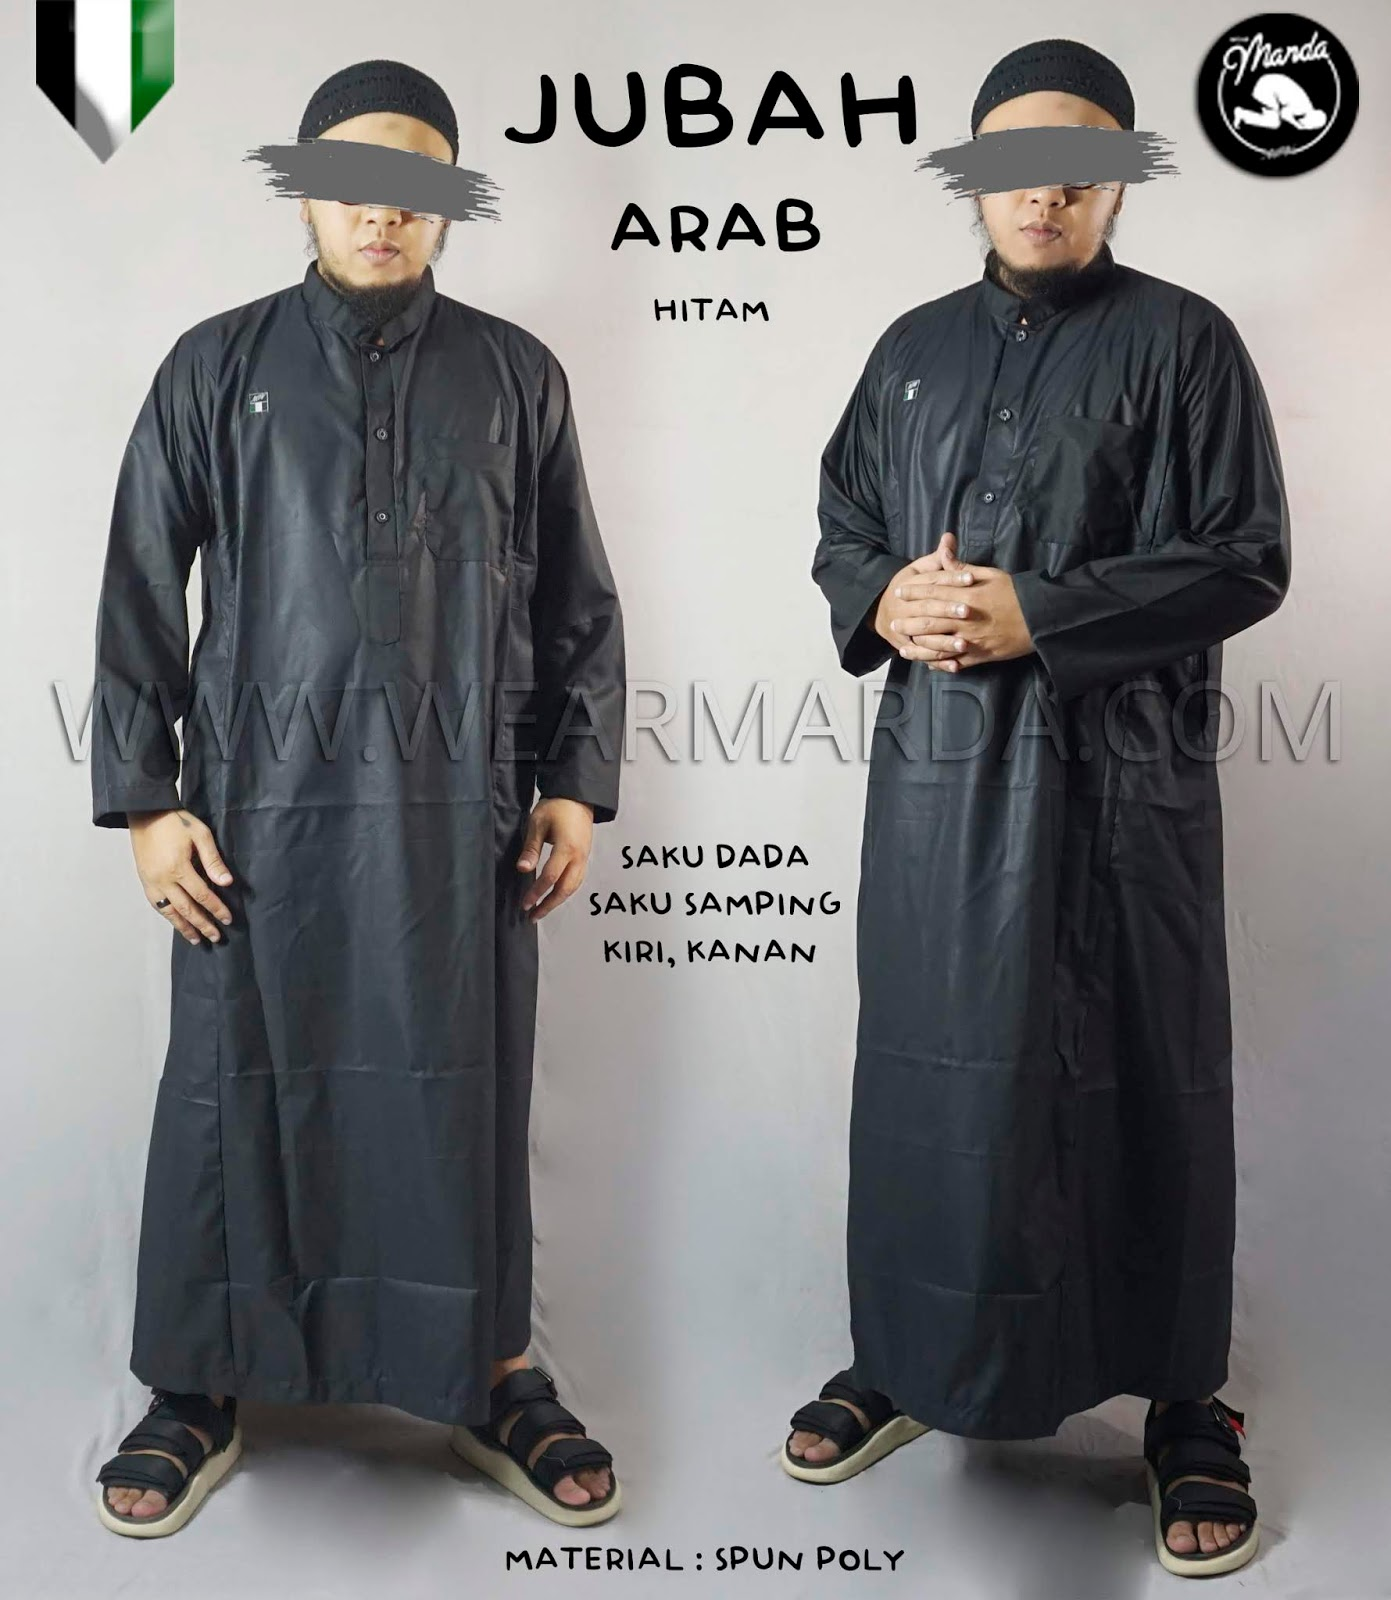 JUBAH ARAB HITAM